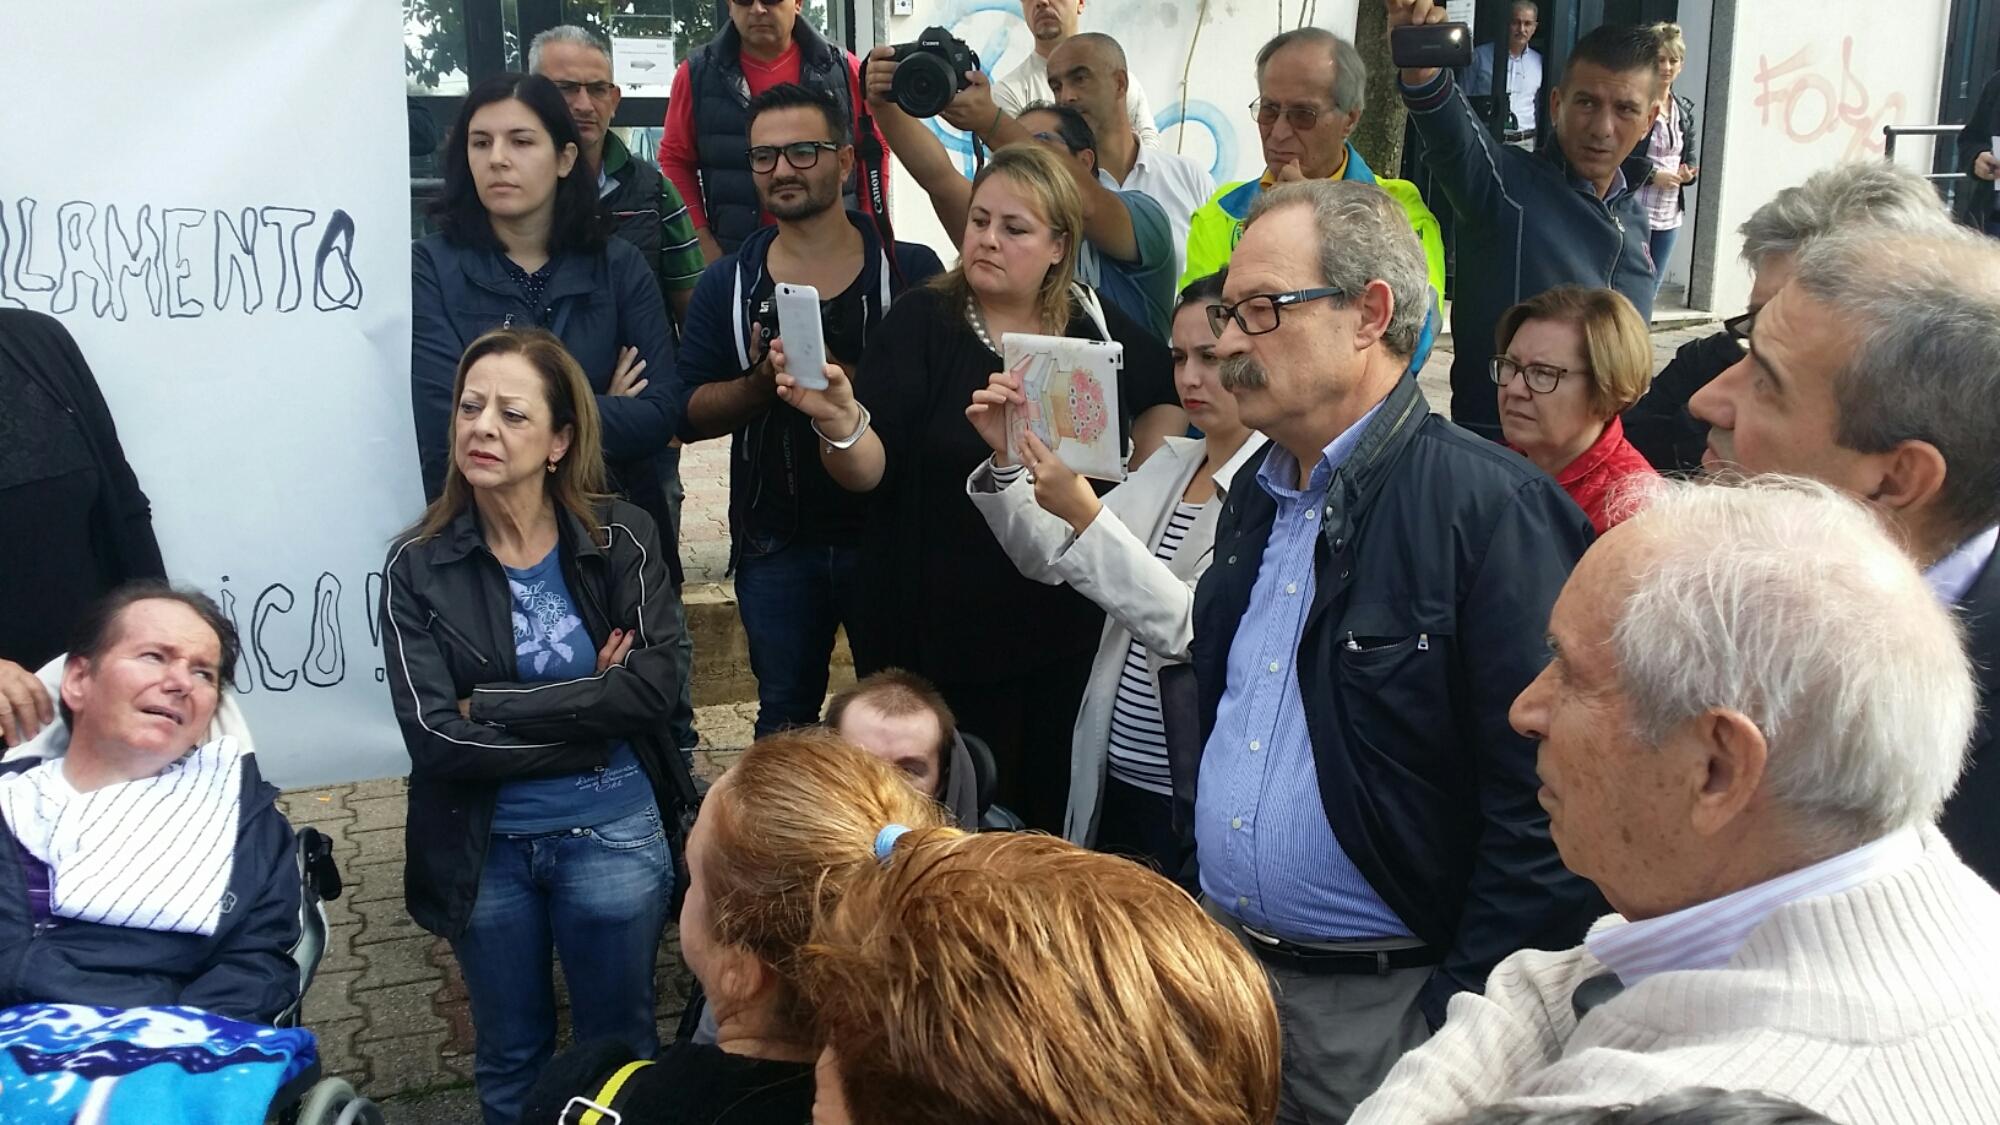 Si è conclusa alle 12.30, dopo un incontro con il commissario Onnis, la protesta dei malati tracheostomizzati alla Asl 7 di Carbonia.